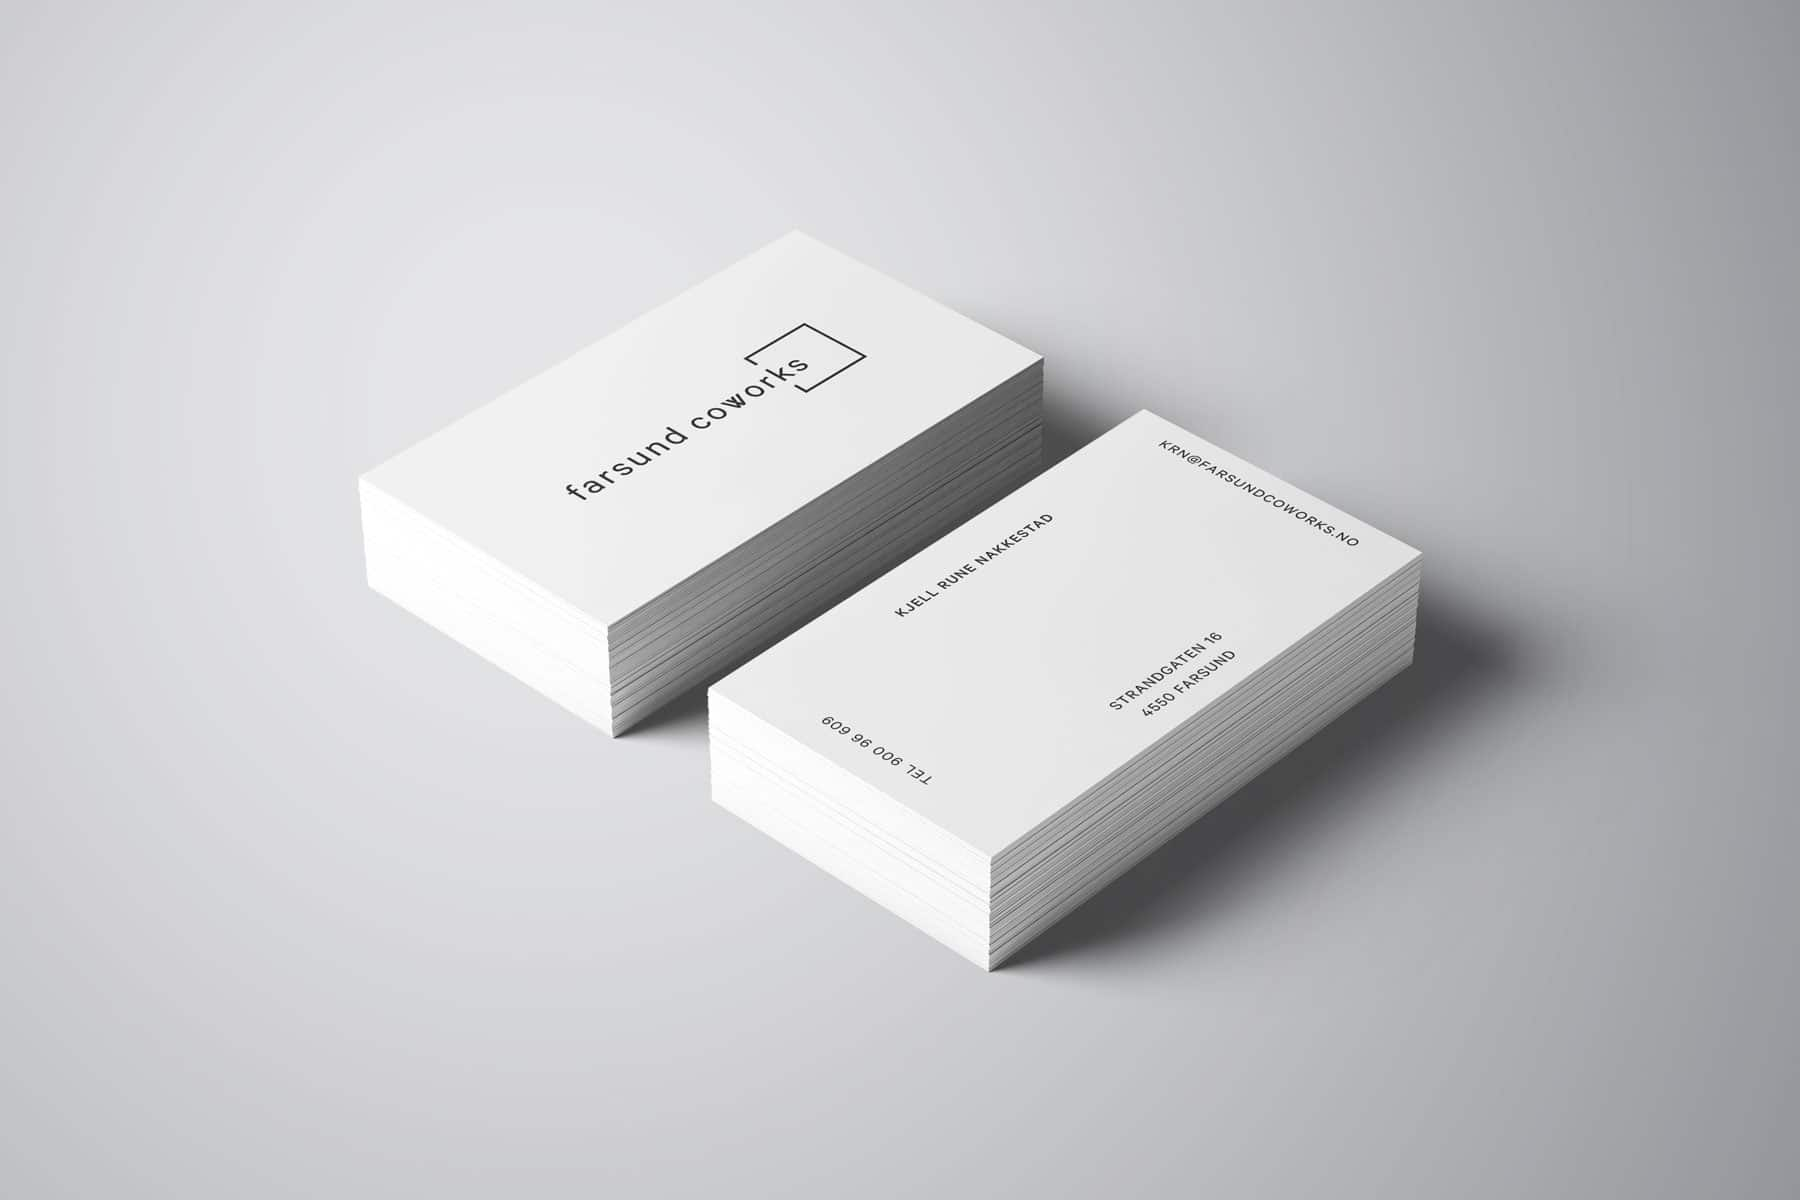 Farsund Coworks / Logo - Havdur Design